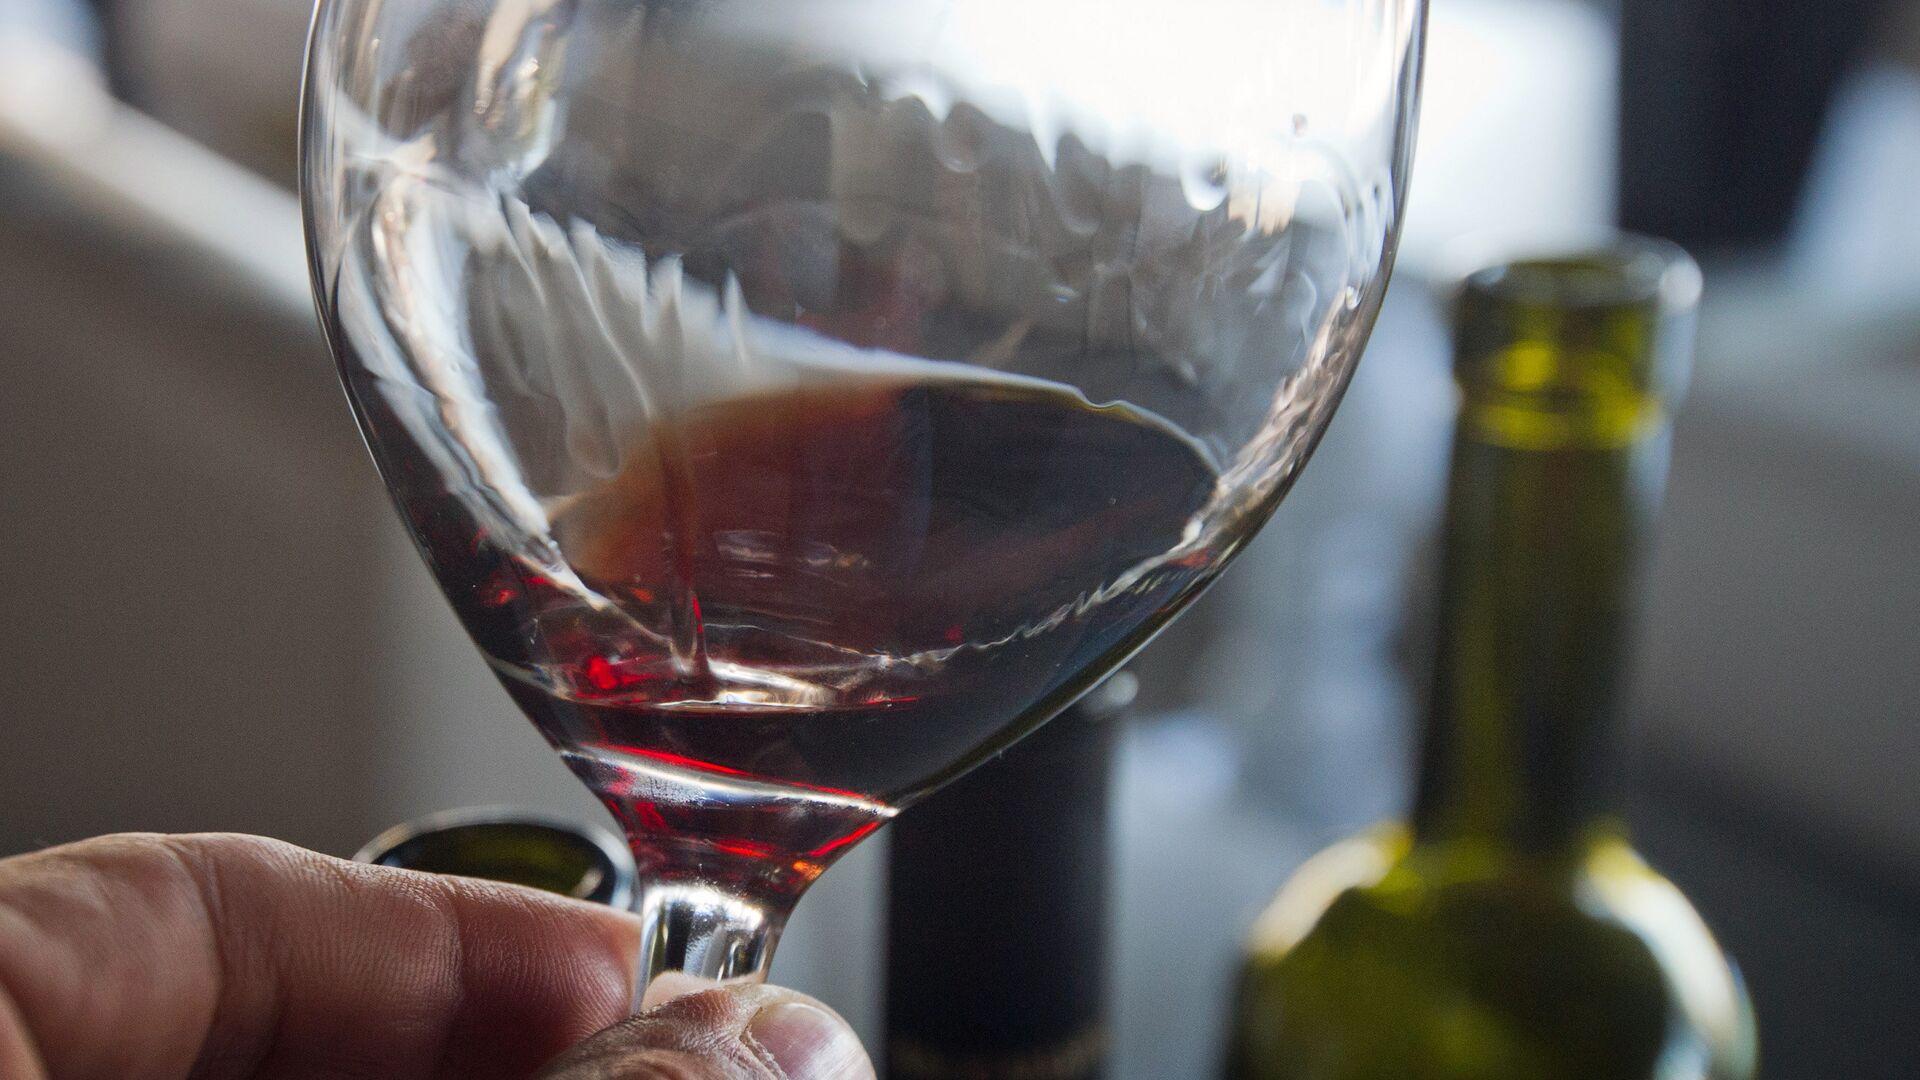 Дегустация вин на винно-гастрономическом фестивале In Vino Veritas в Коктебеле. 22 июля 2017 - РИА Новости, 1920, 26.11.2020